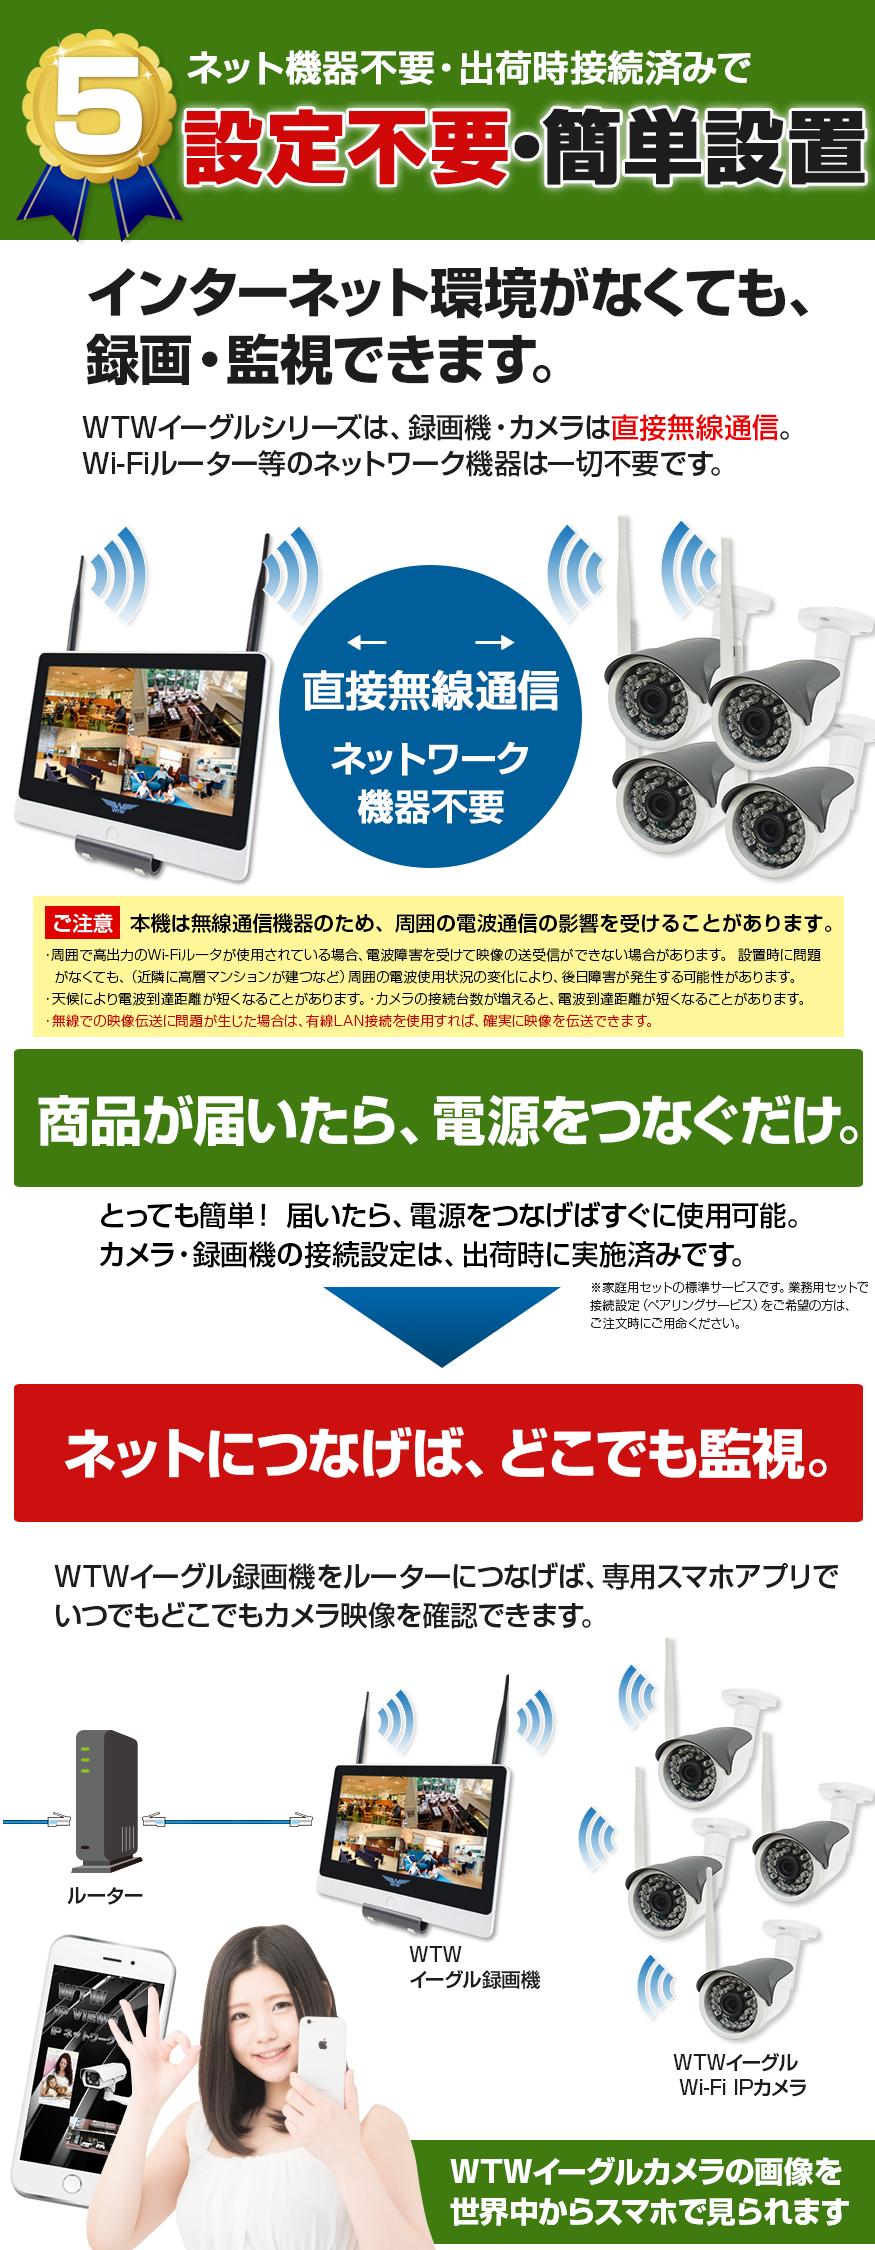 ワイヤレスカメラ 合法 350m タイプ  無線カメラ WTW-イーグル セットのペアリングサービス。